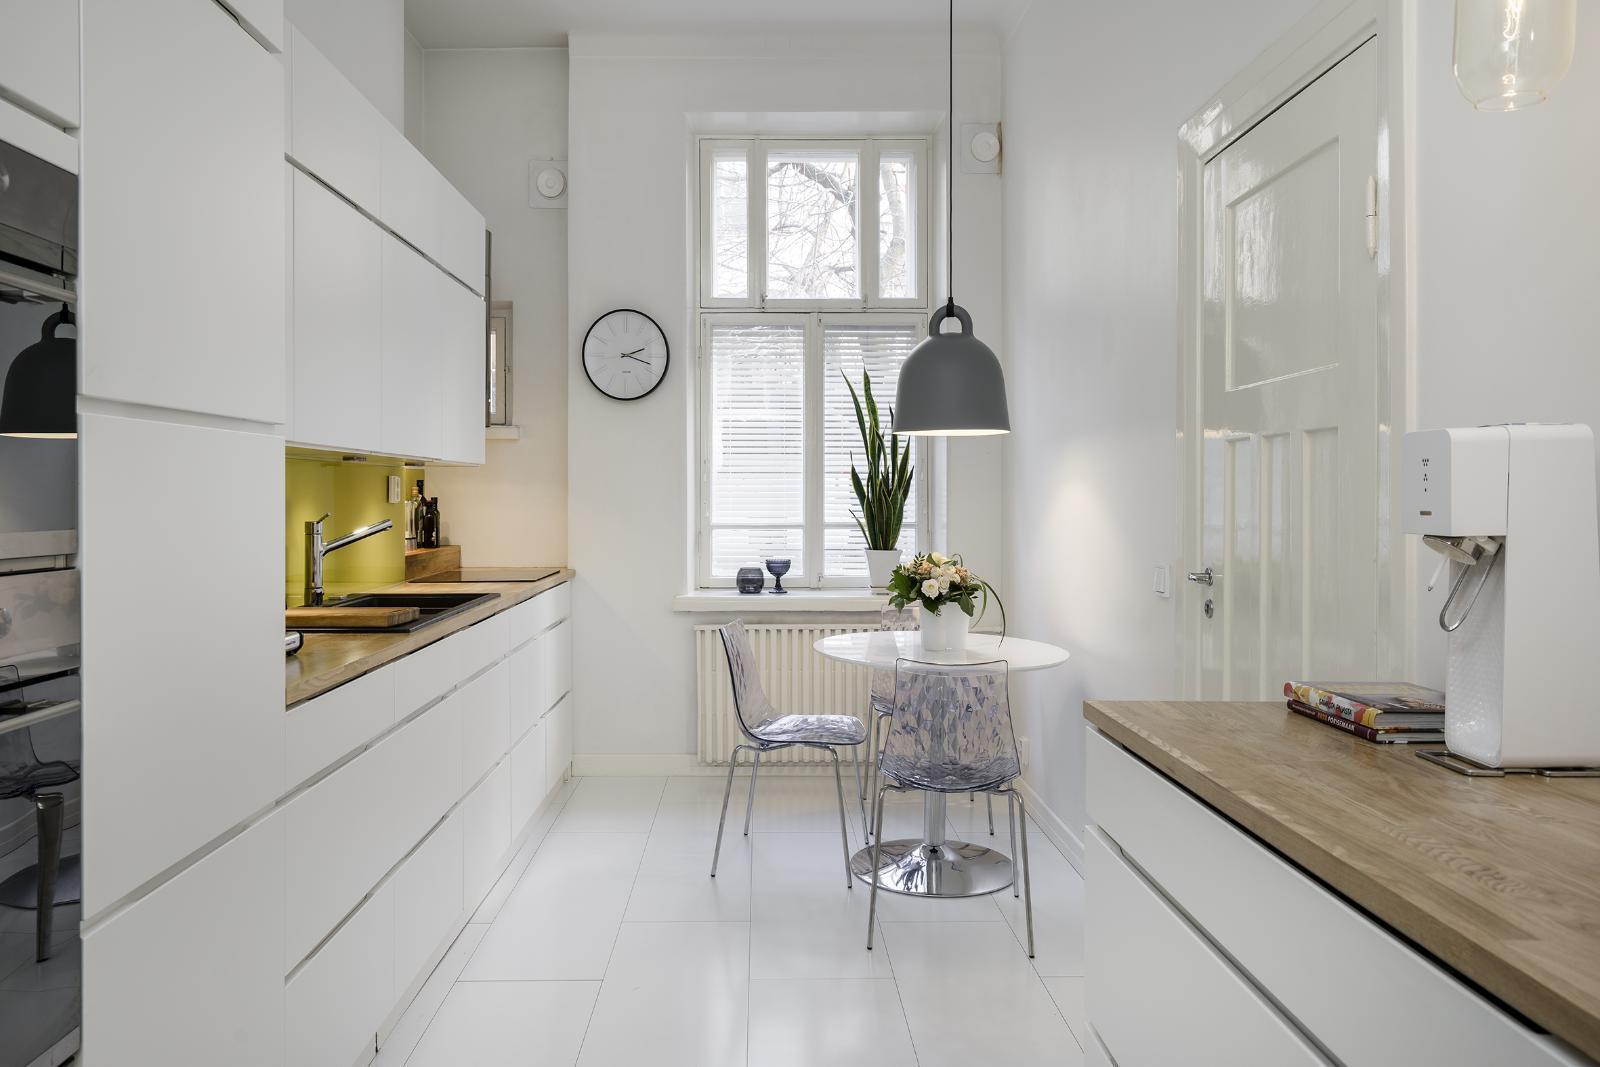 Kaupunkikodin kaunis keittiö  Etuovi com Ideat & vinkit